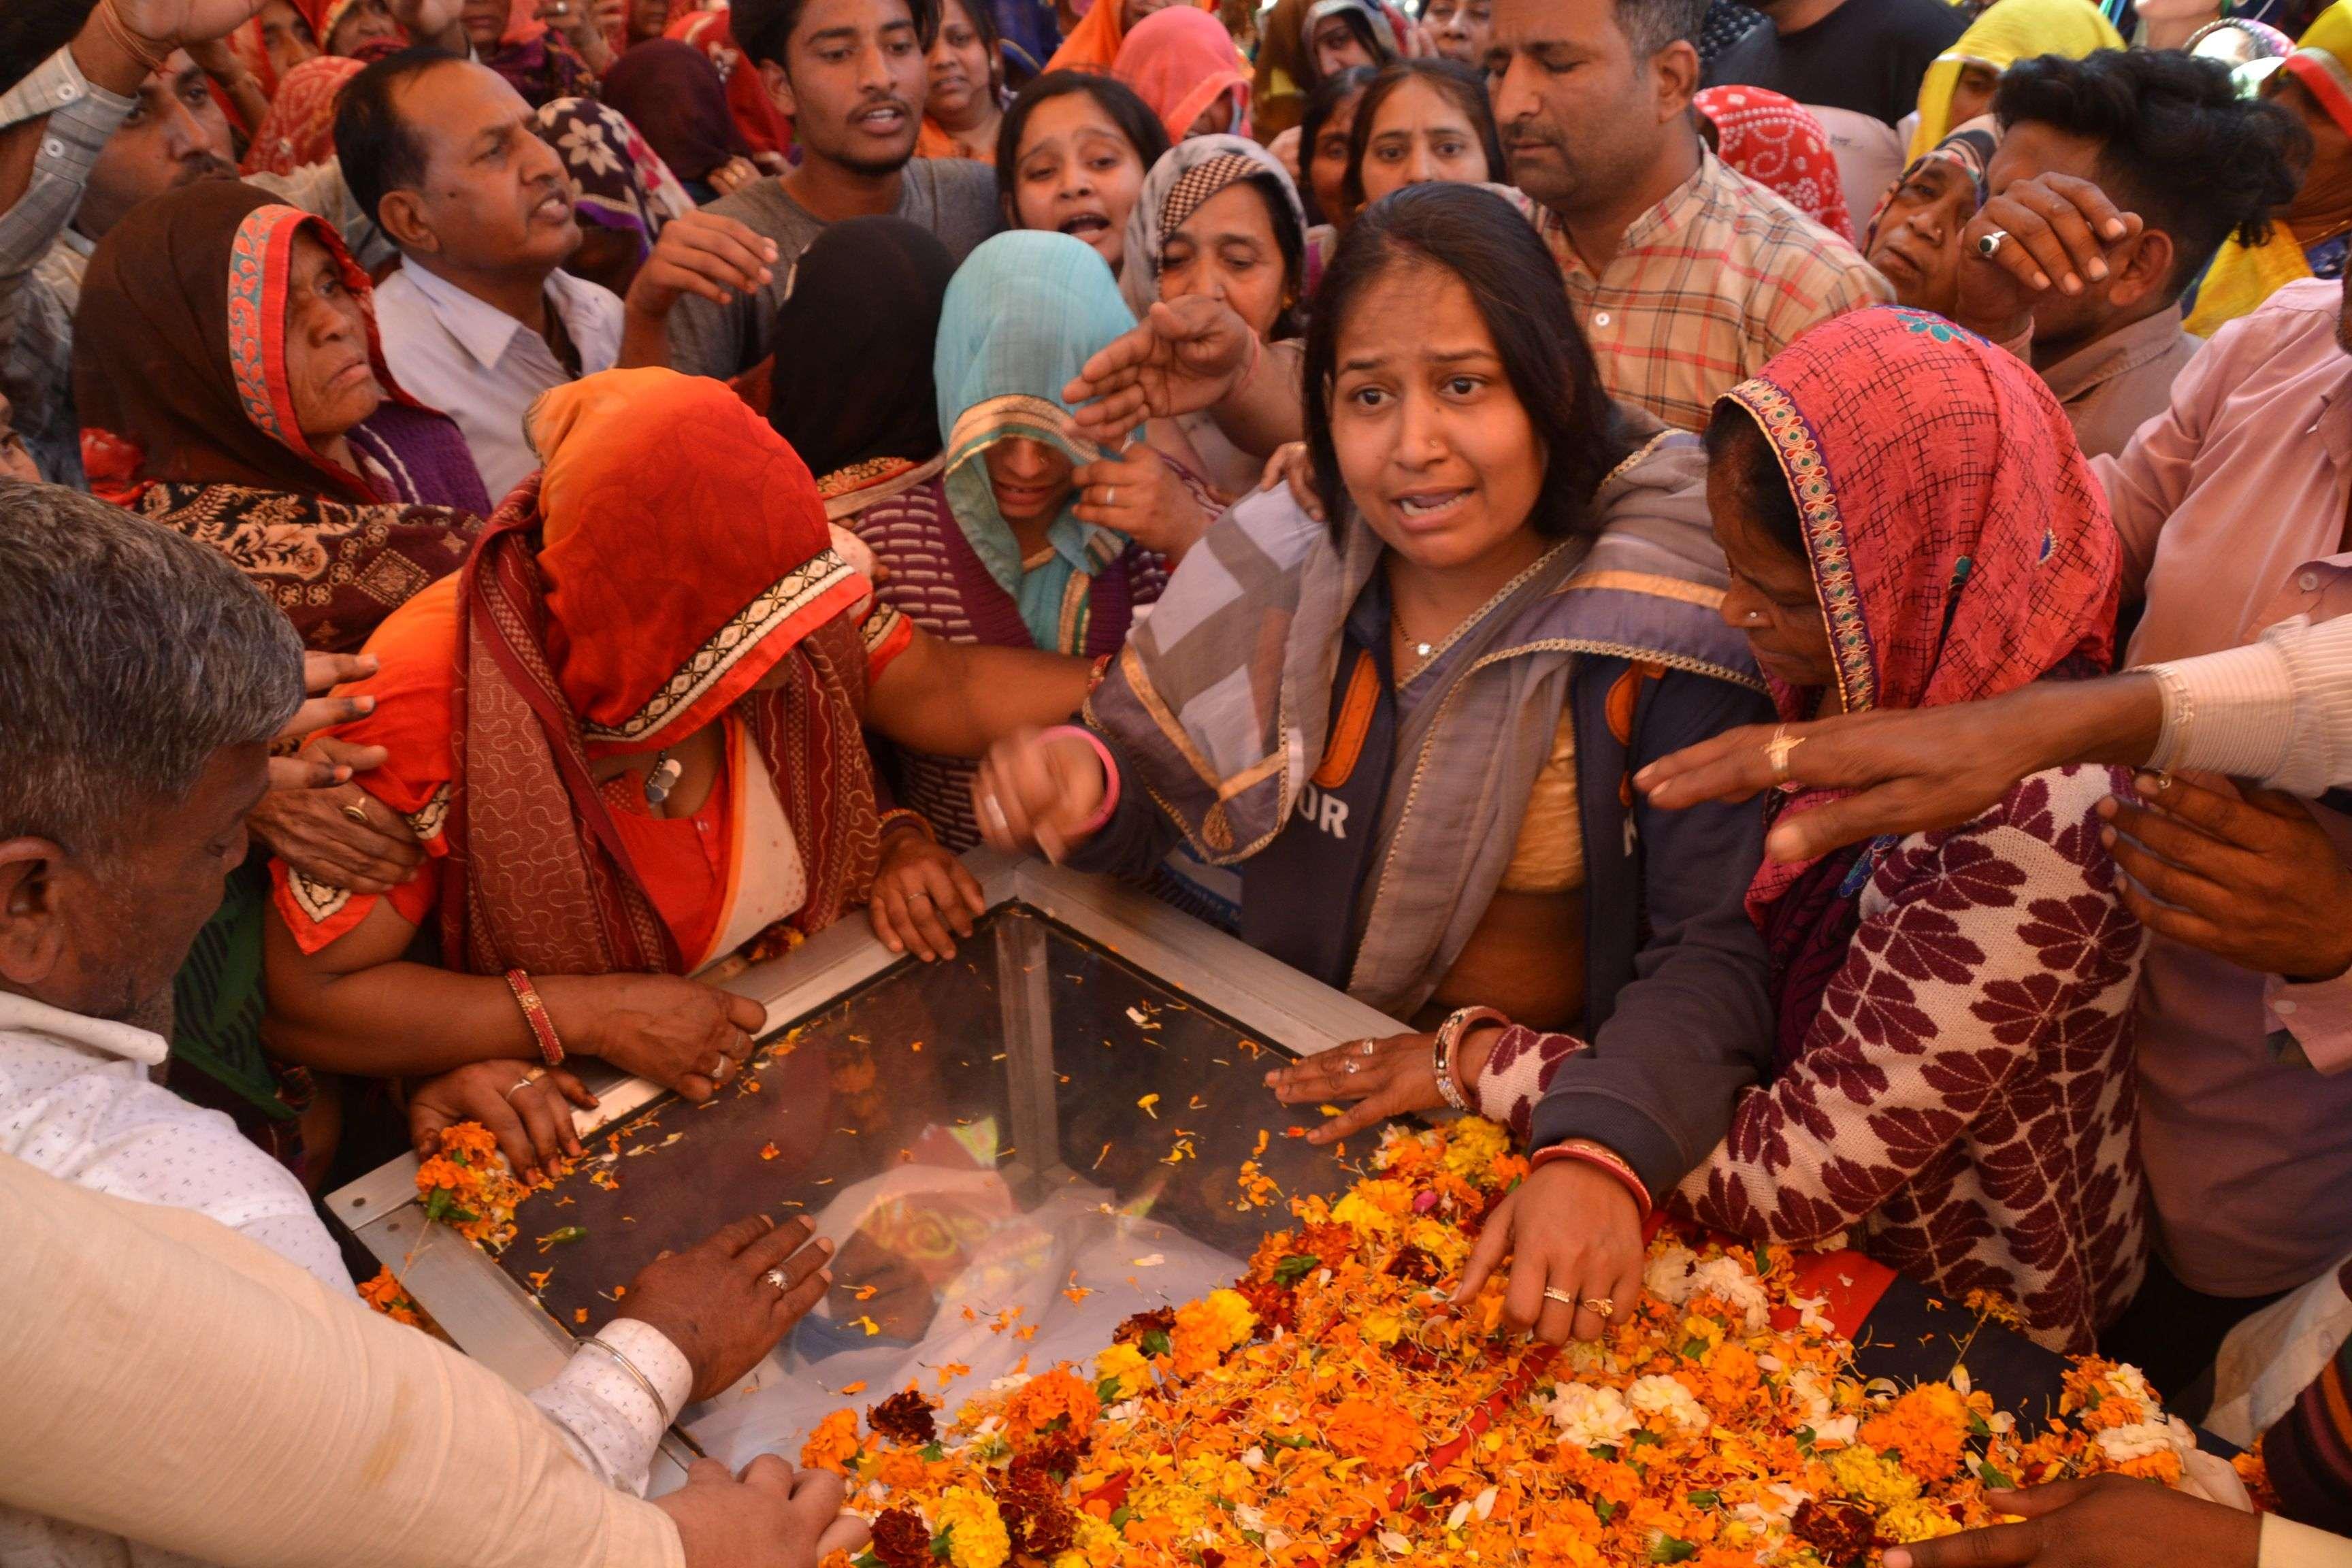 सीकर. दिल्ली की हिंसा में हैड कांस्टेबल रतनलाल की मौत के बाद बुधवार को उनके पेतृक गांव में अंतिम यात्रा में उमड़ी भीड़। इस दौरान उनकी पत्नी व बेटियां भी भावूक हो गई। फोटो पंकज पारमुवाल